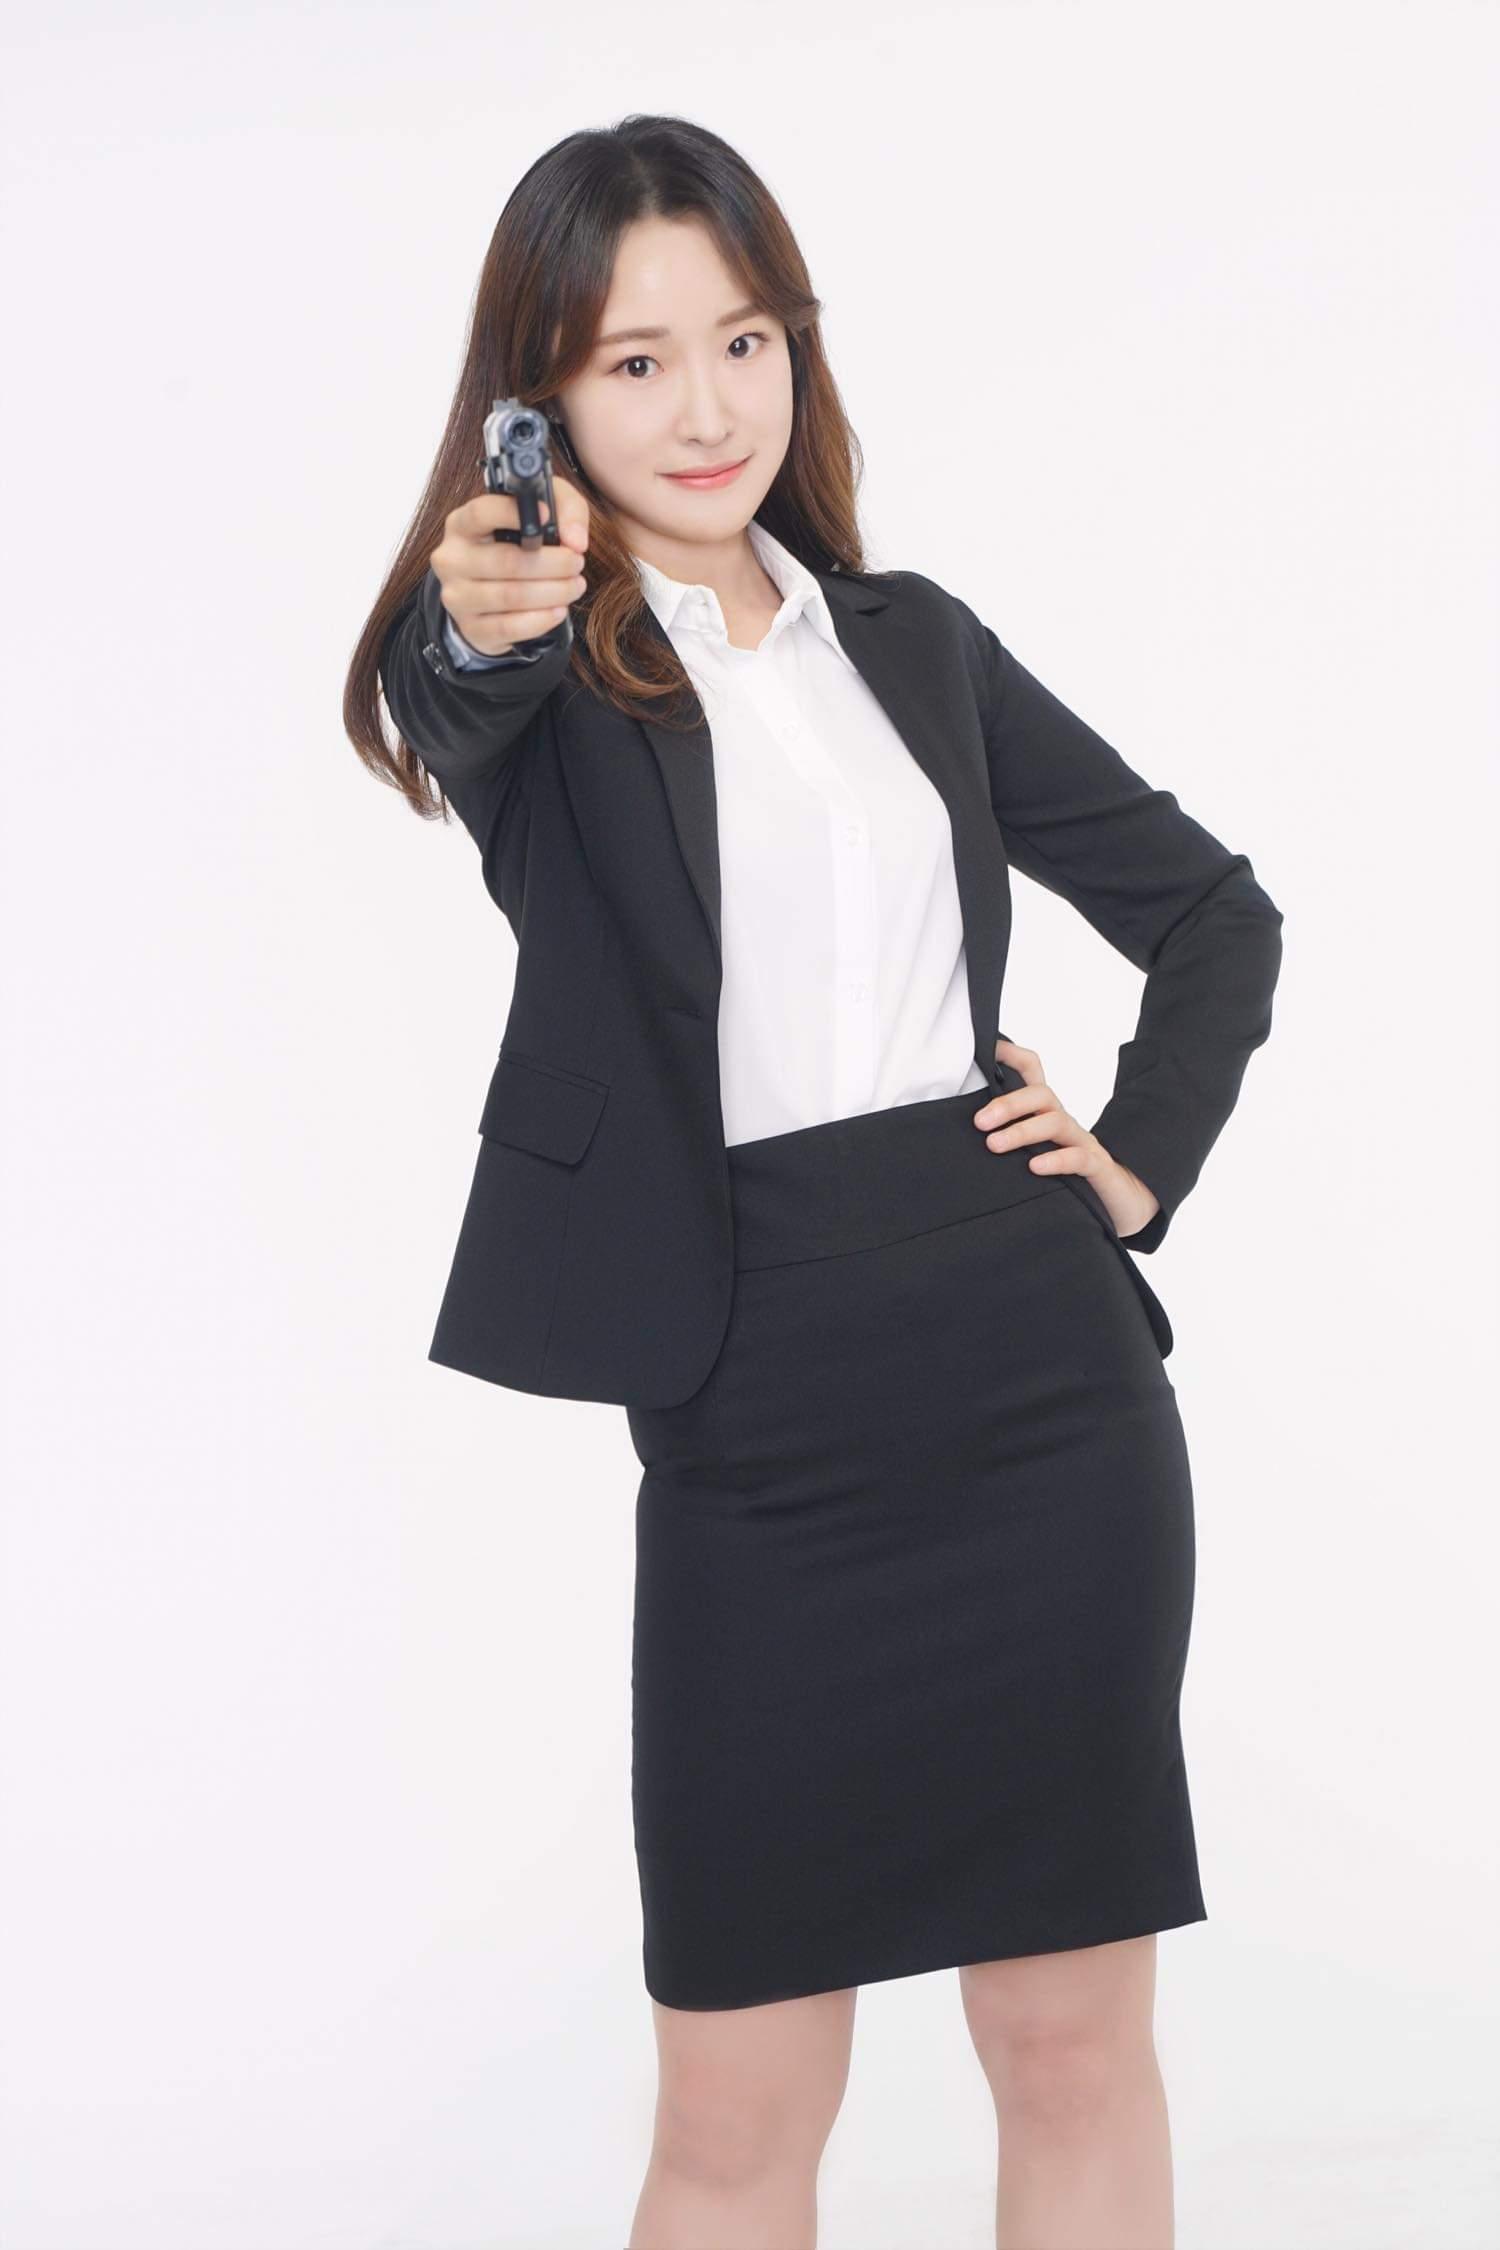 프리랜서 MC 한주혜 씨